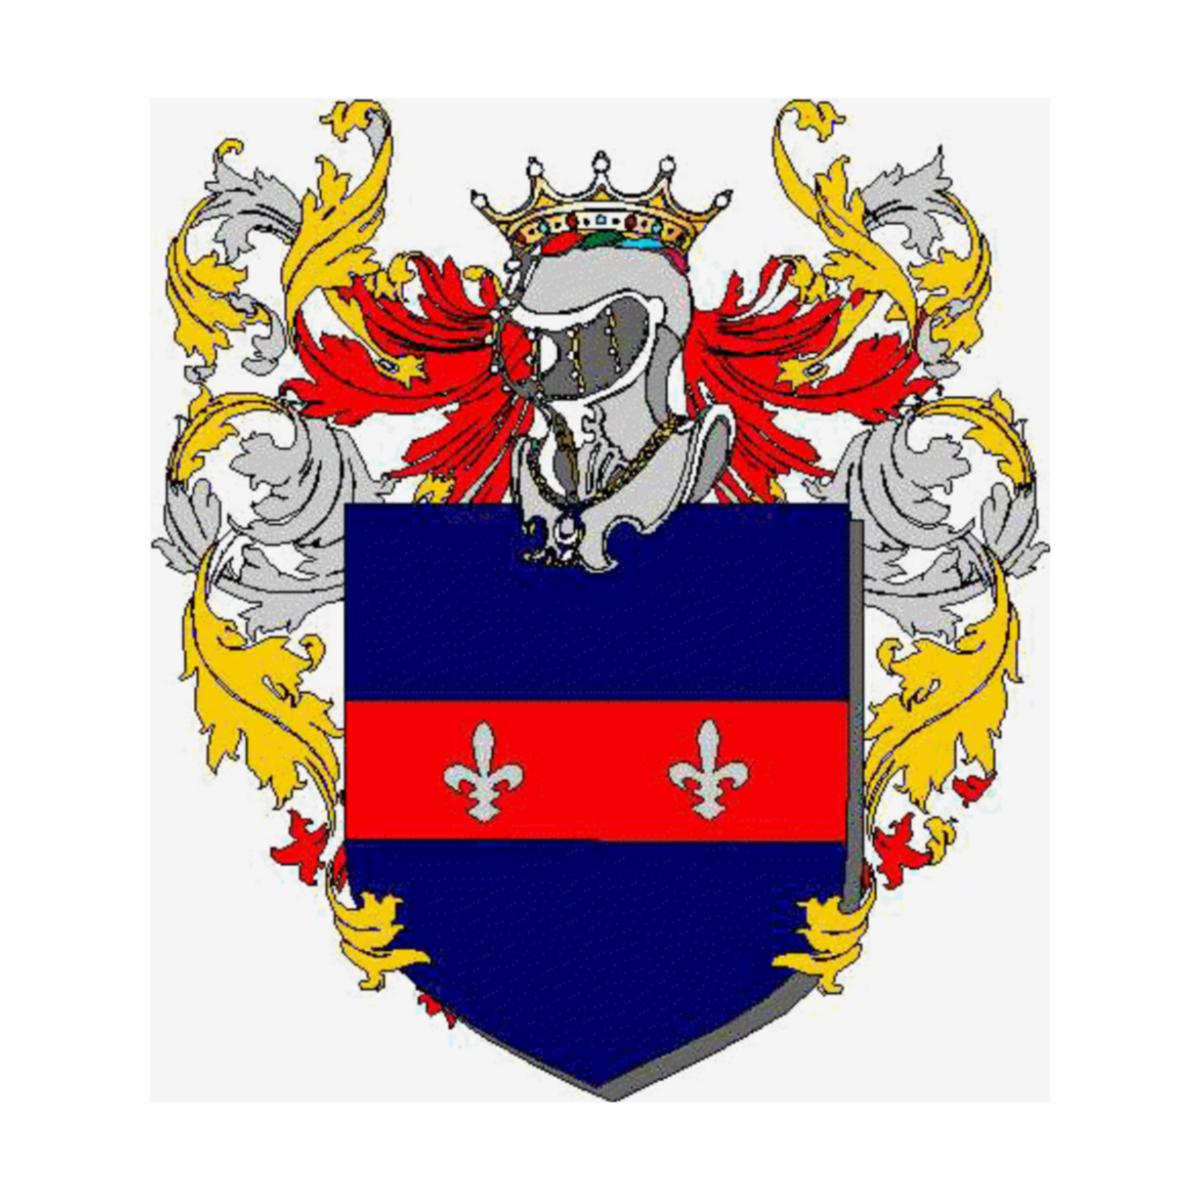 Domini Roberti Famiglia Araldica Genealogia Stemma Domini Roberti